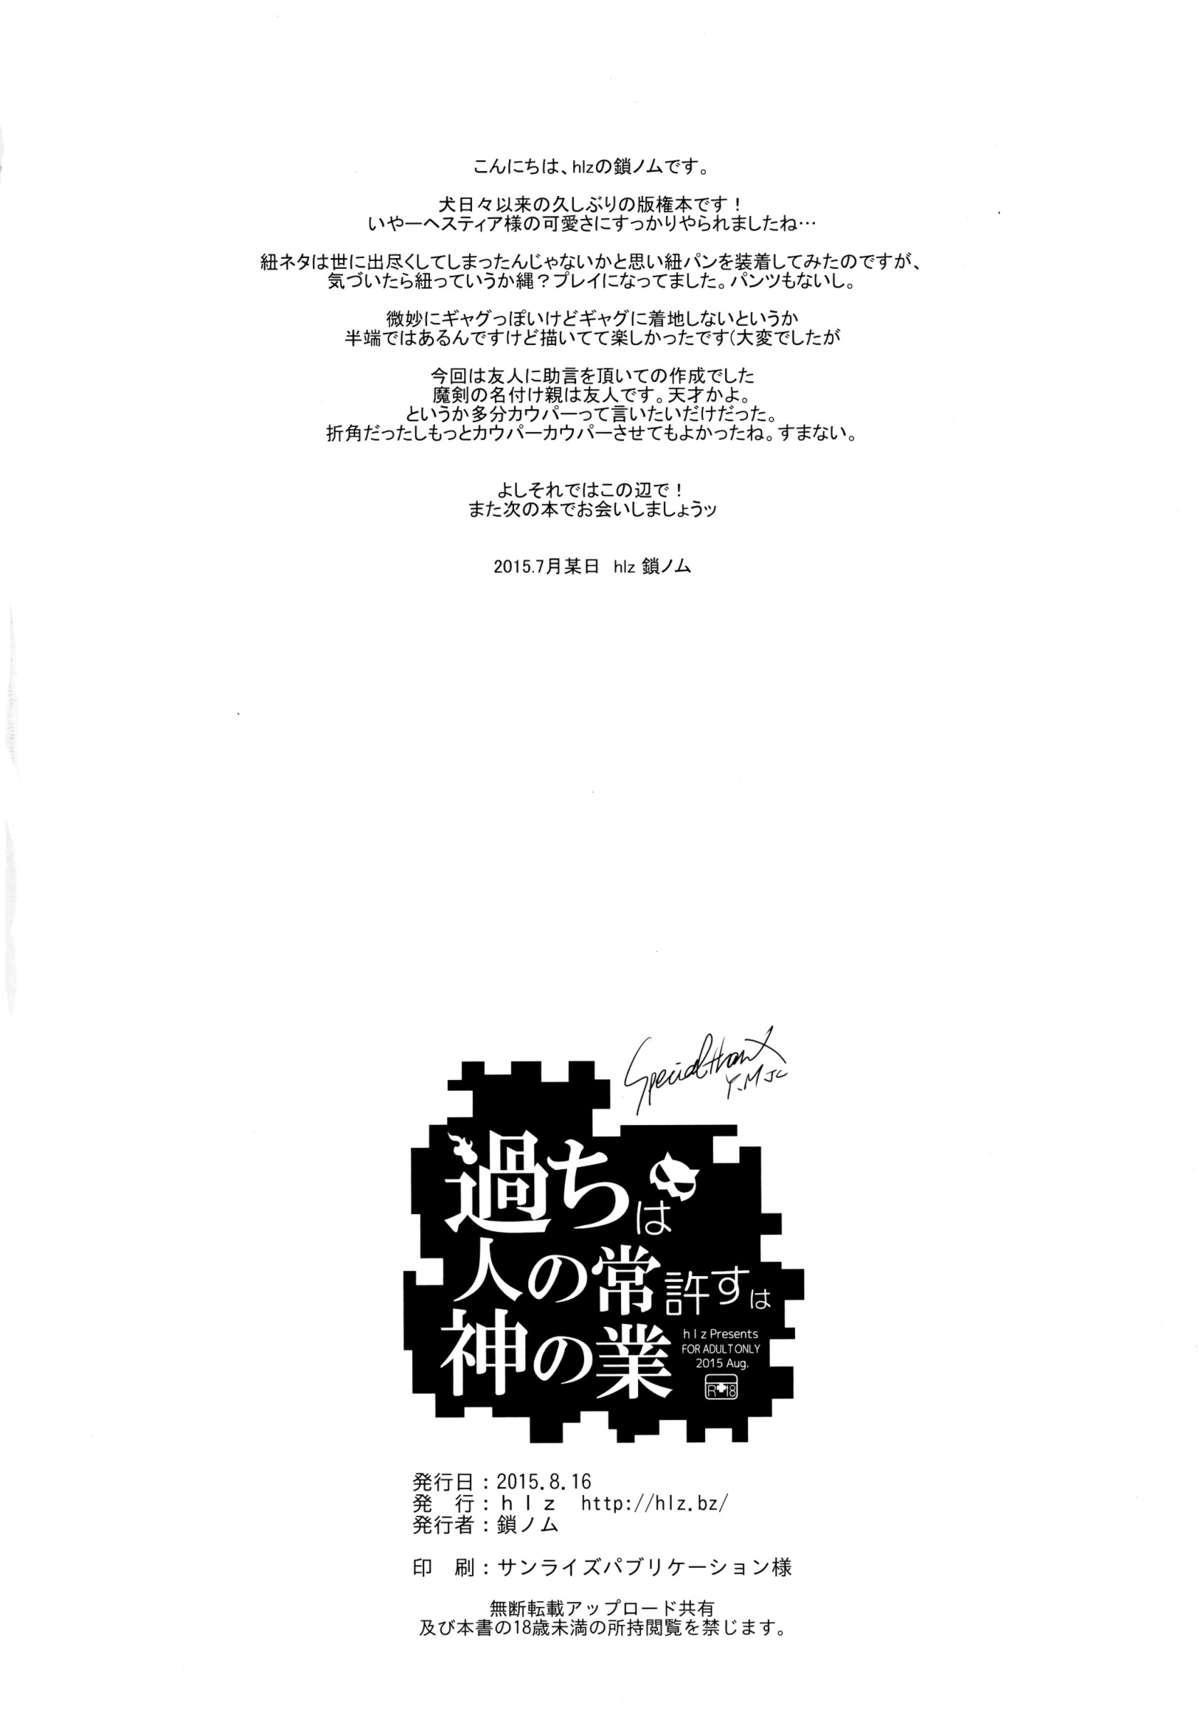 Ayamachi wa Hito no Tsune Yurusu wa Kami no Gou 25